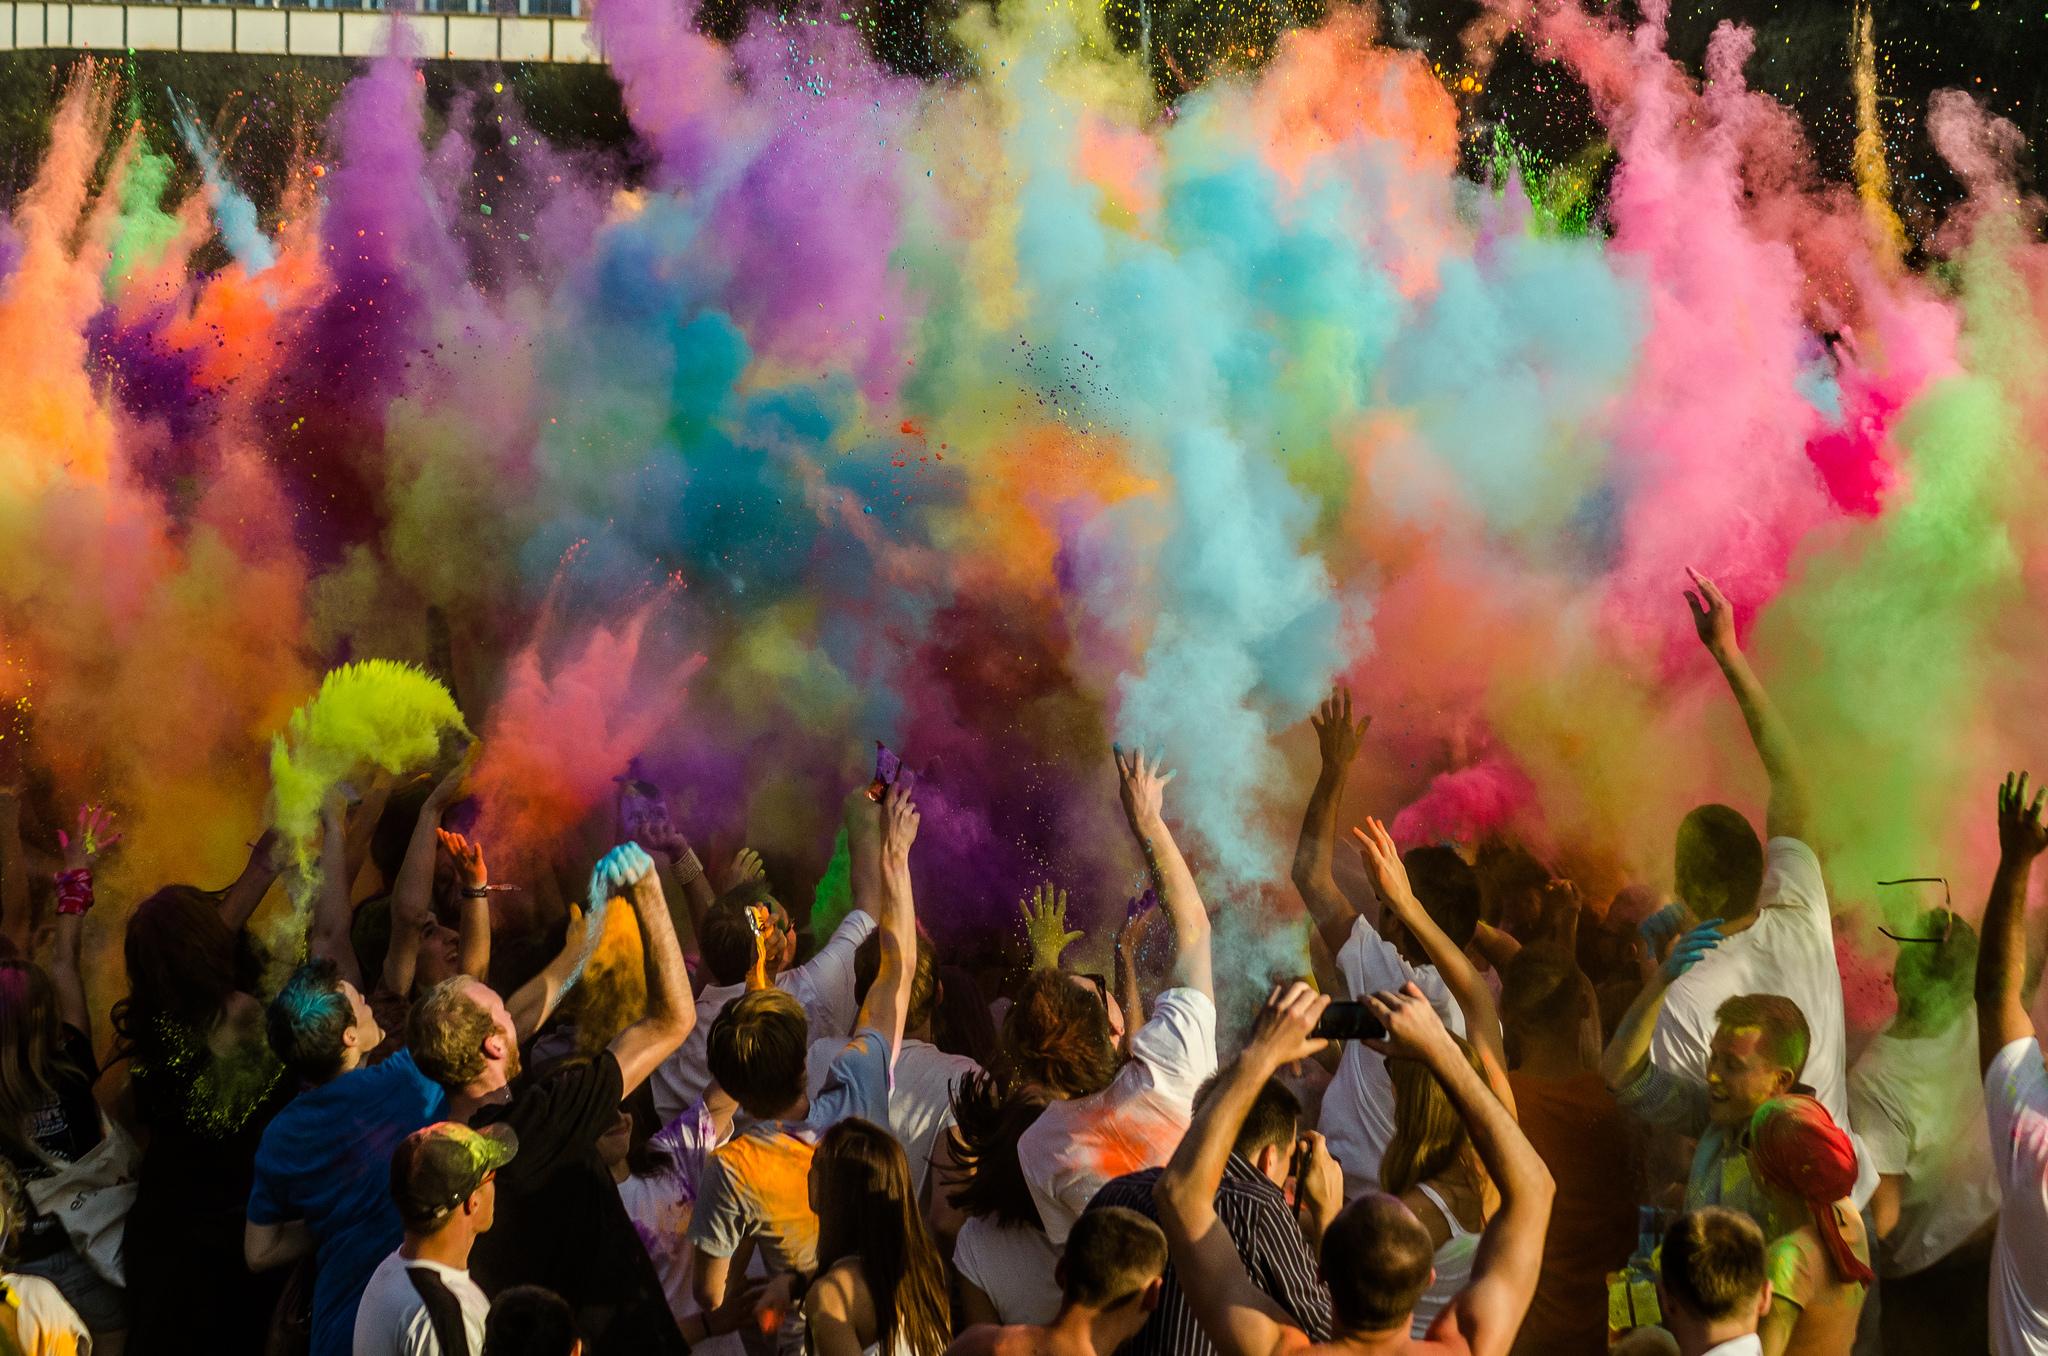 Die große Eventsoße: Wie soziale Netzwerke unsere Feierkultur zerstören